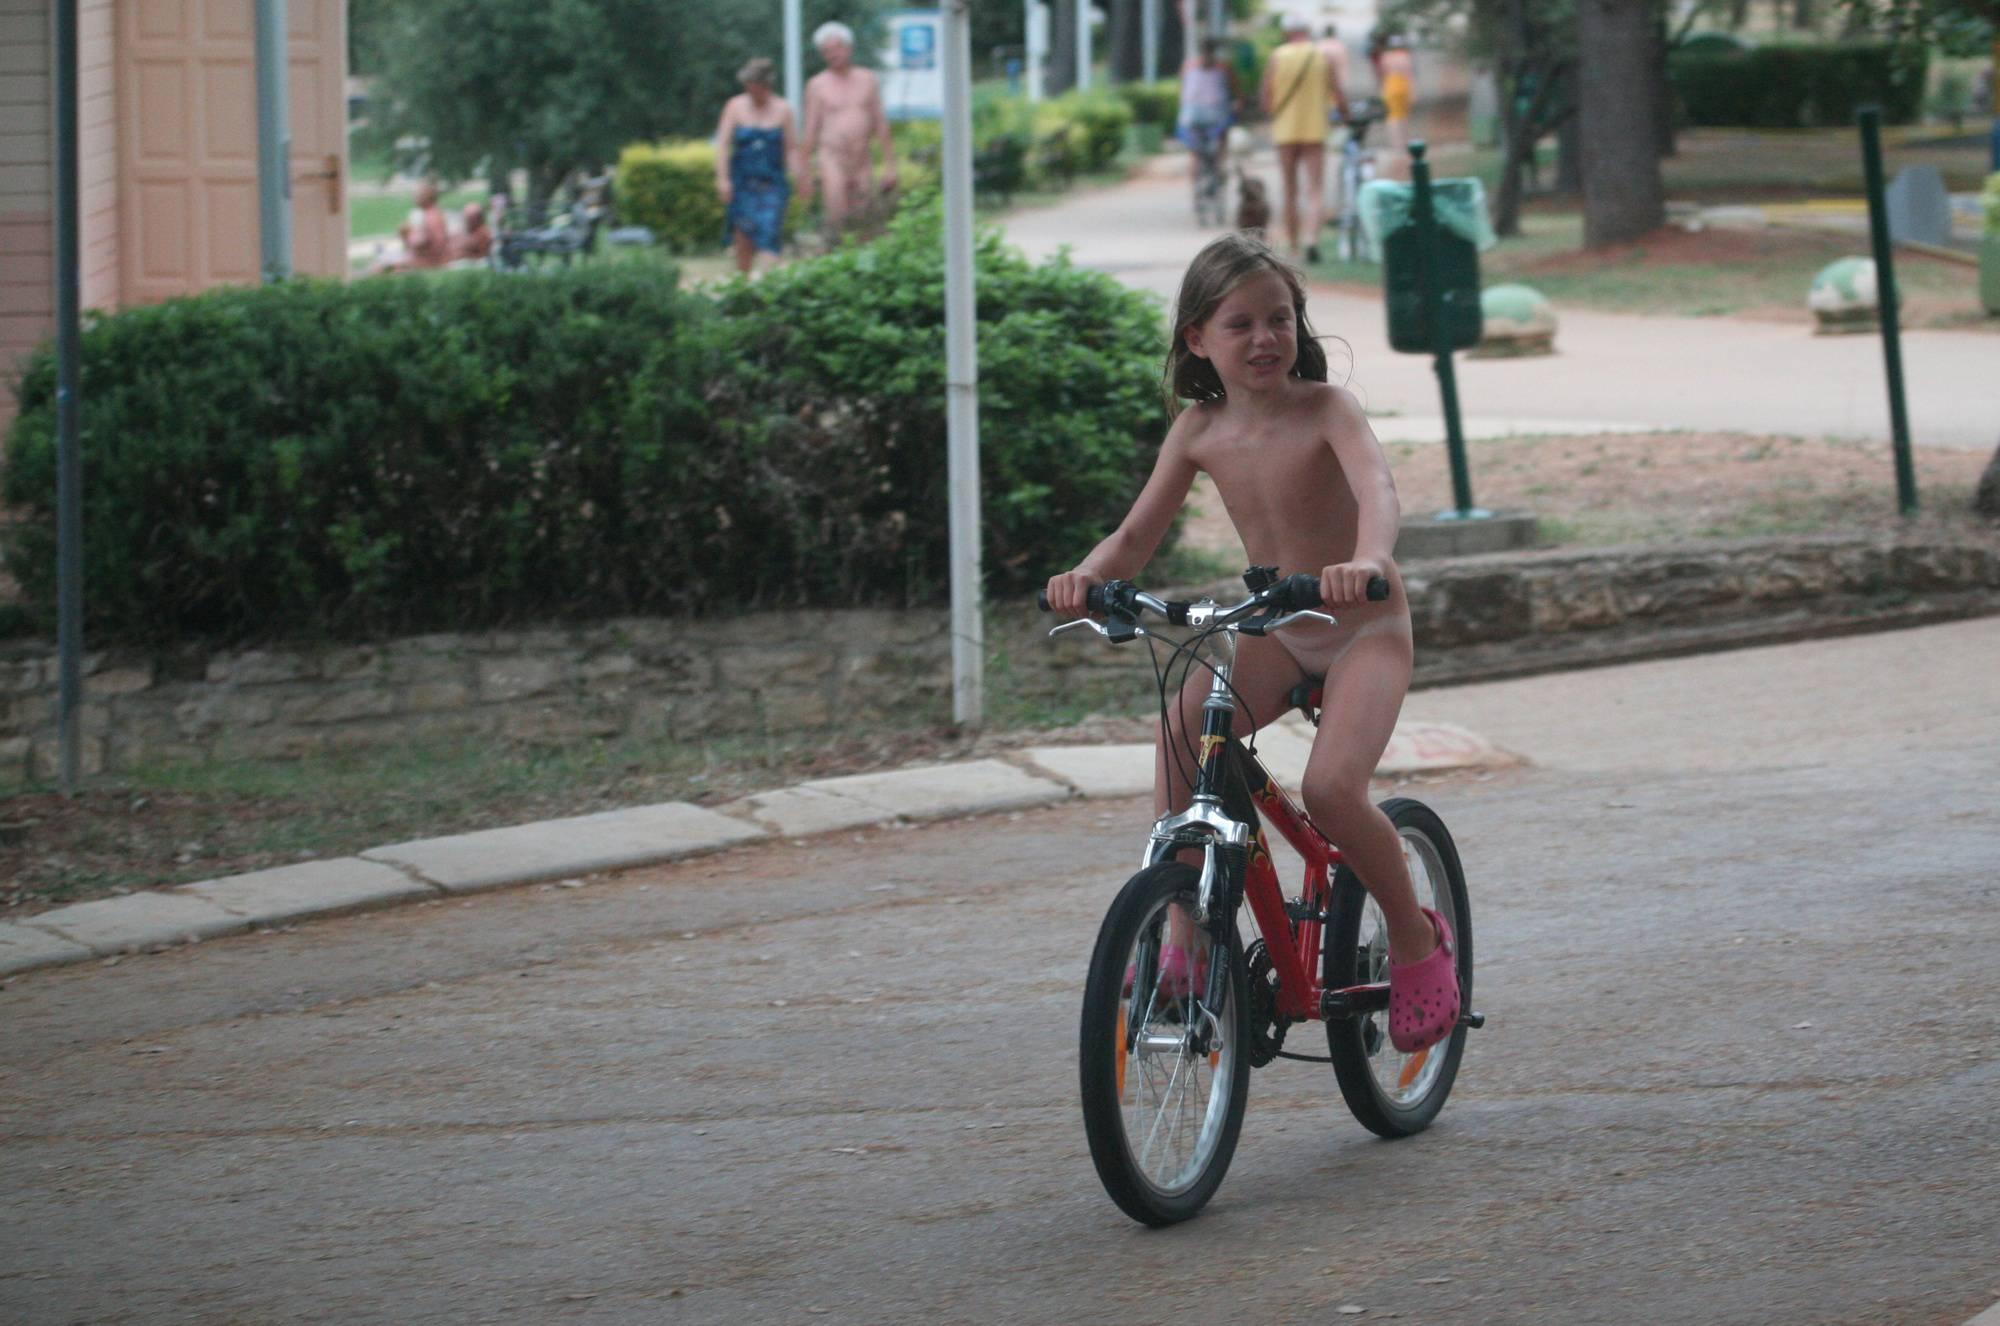 Naturist Kids Road Biking - 2